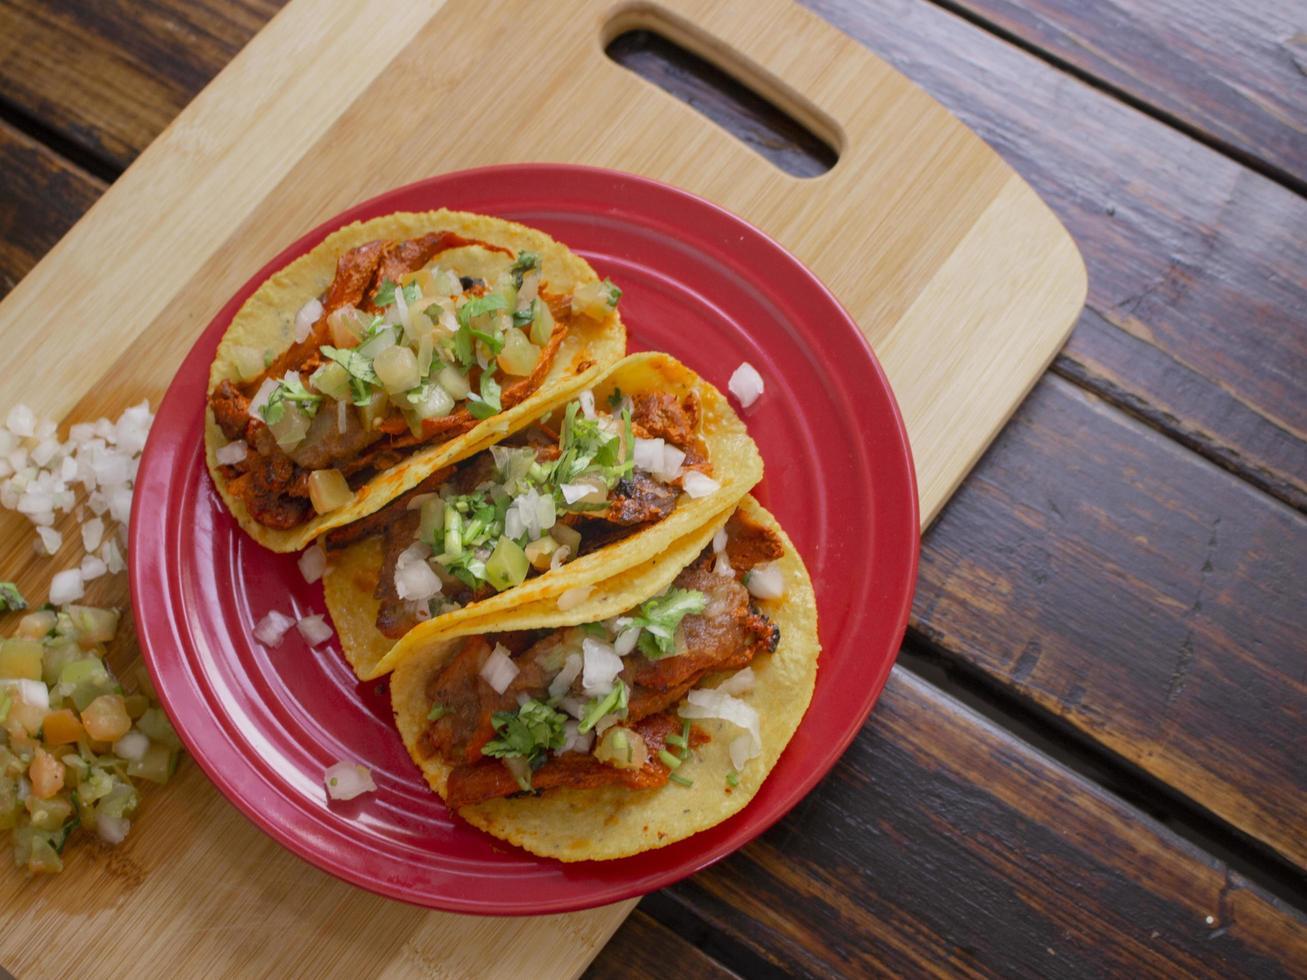 tacos di manzo su un piatto rosso foto